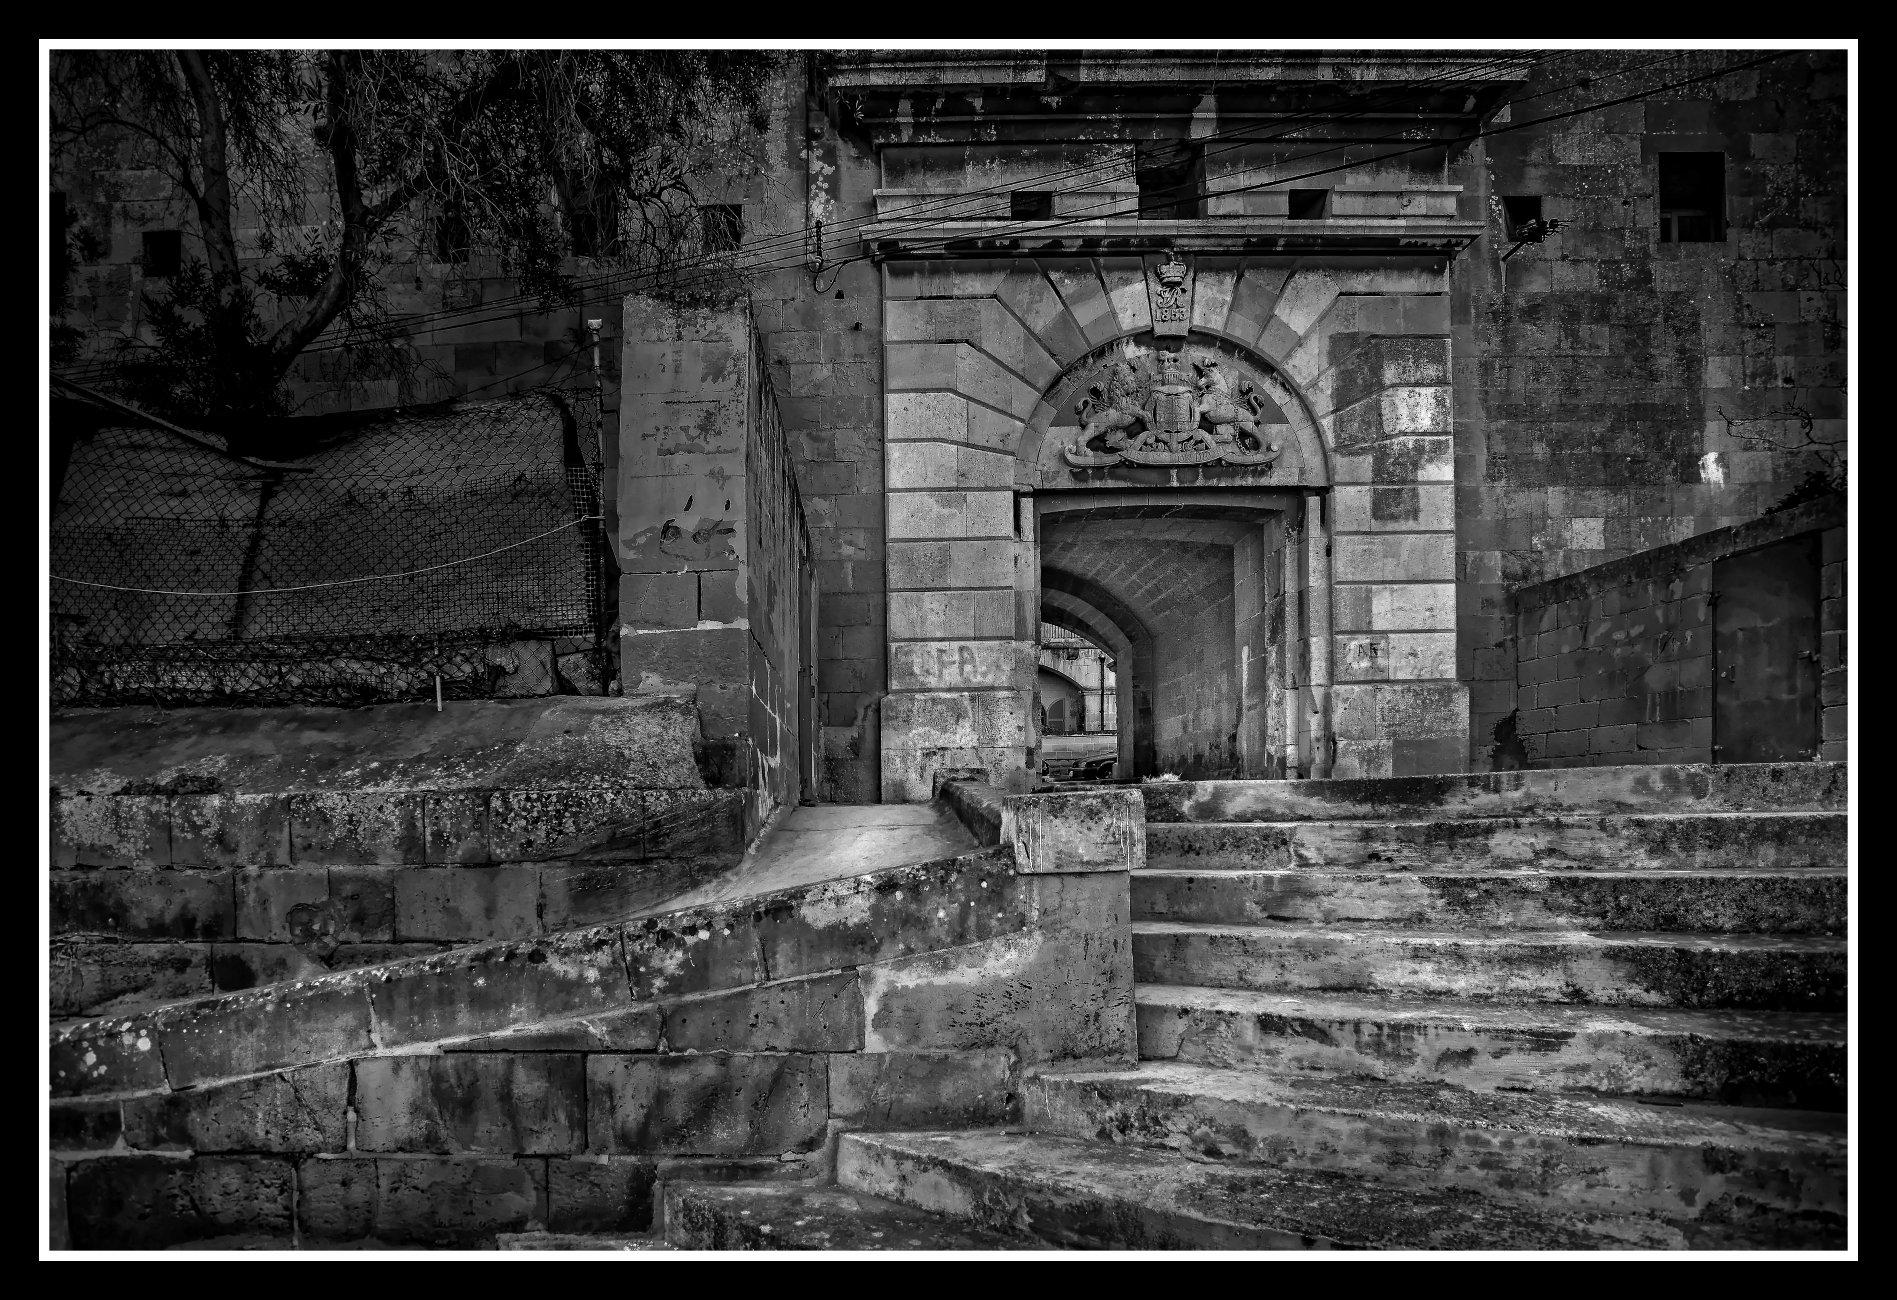 Bastion Archway BORMLA Città Cottonera, Città Cospicua